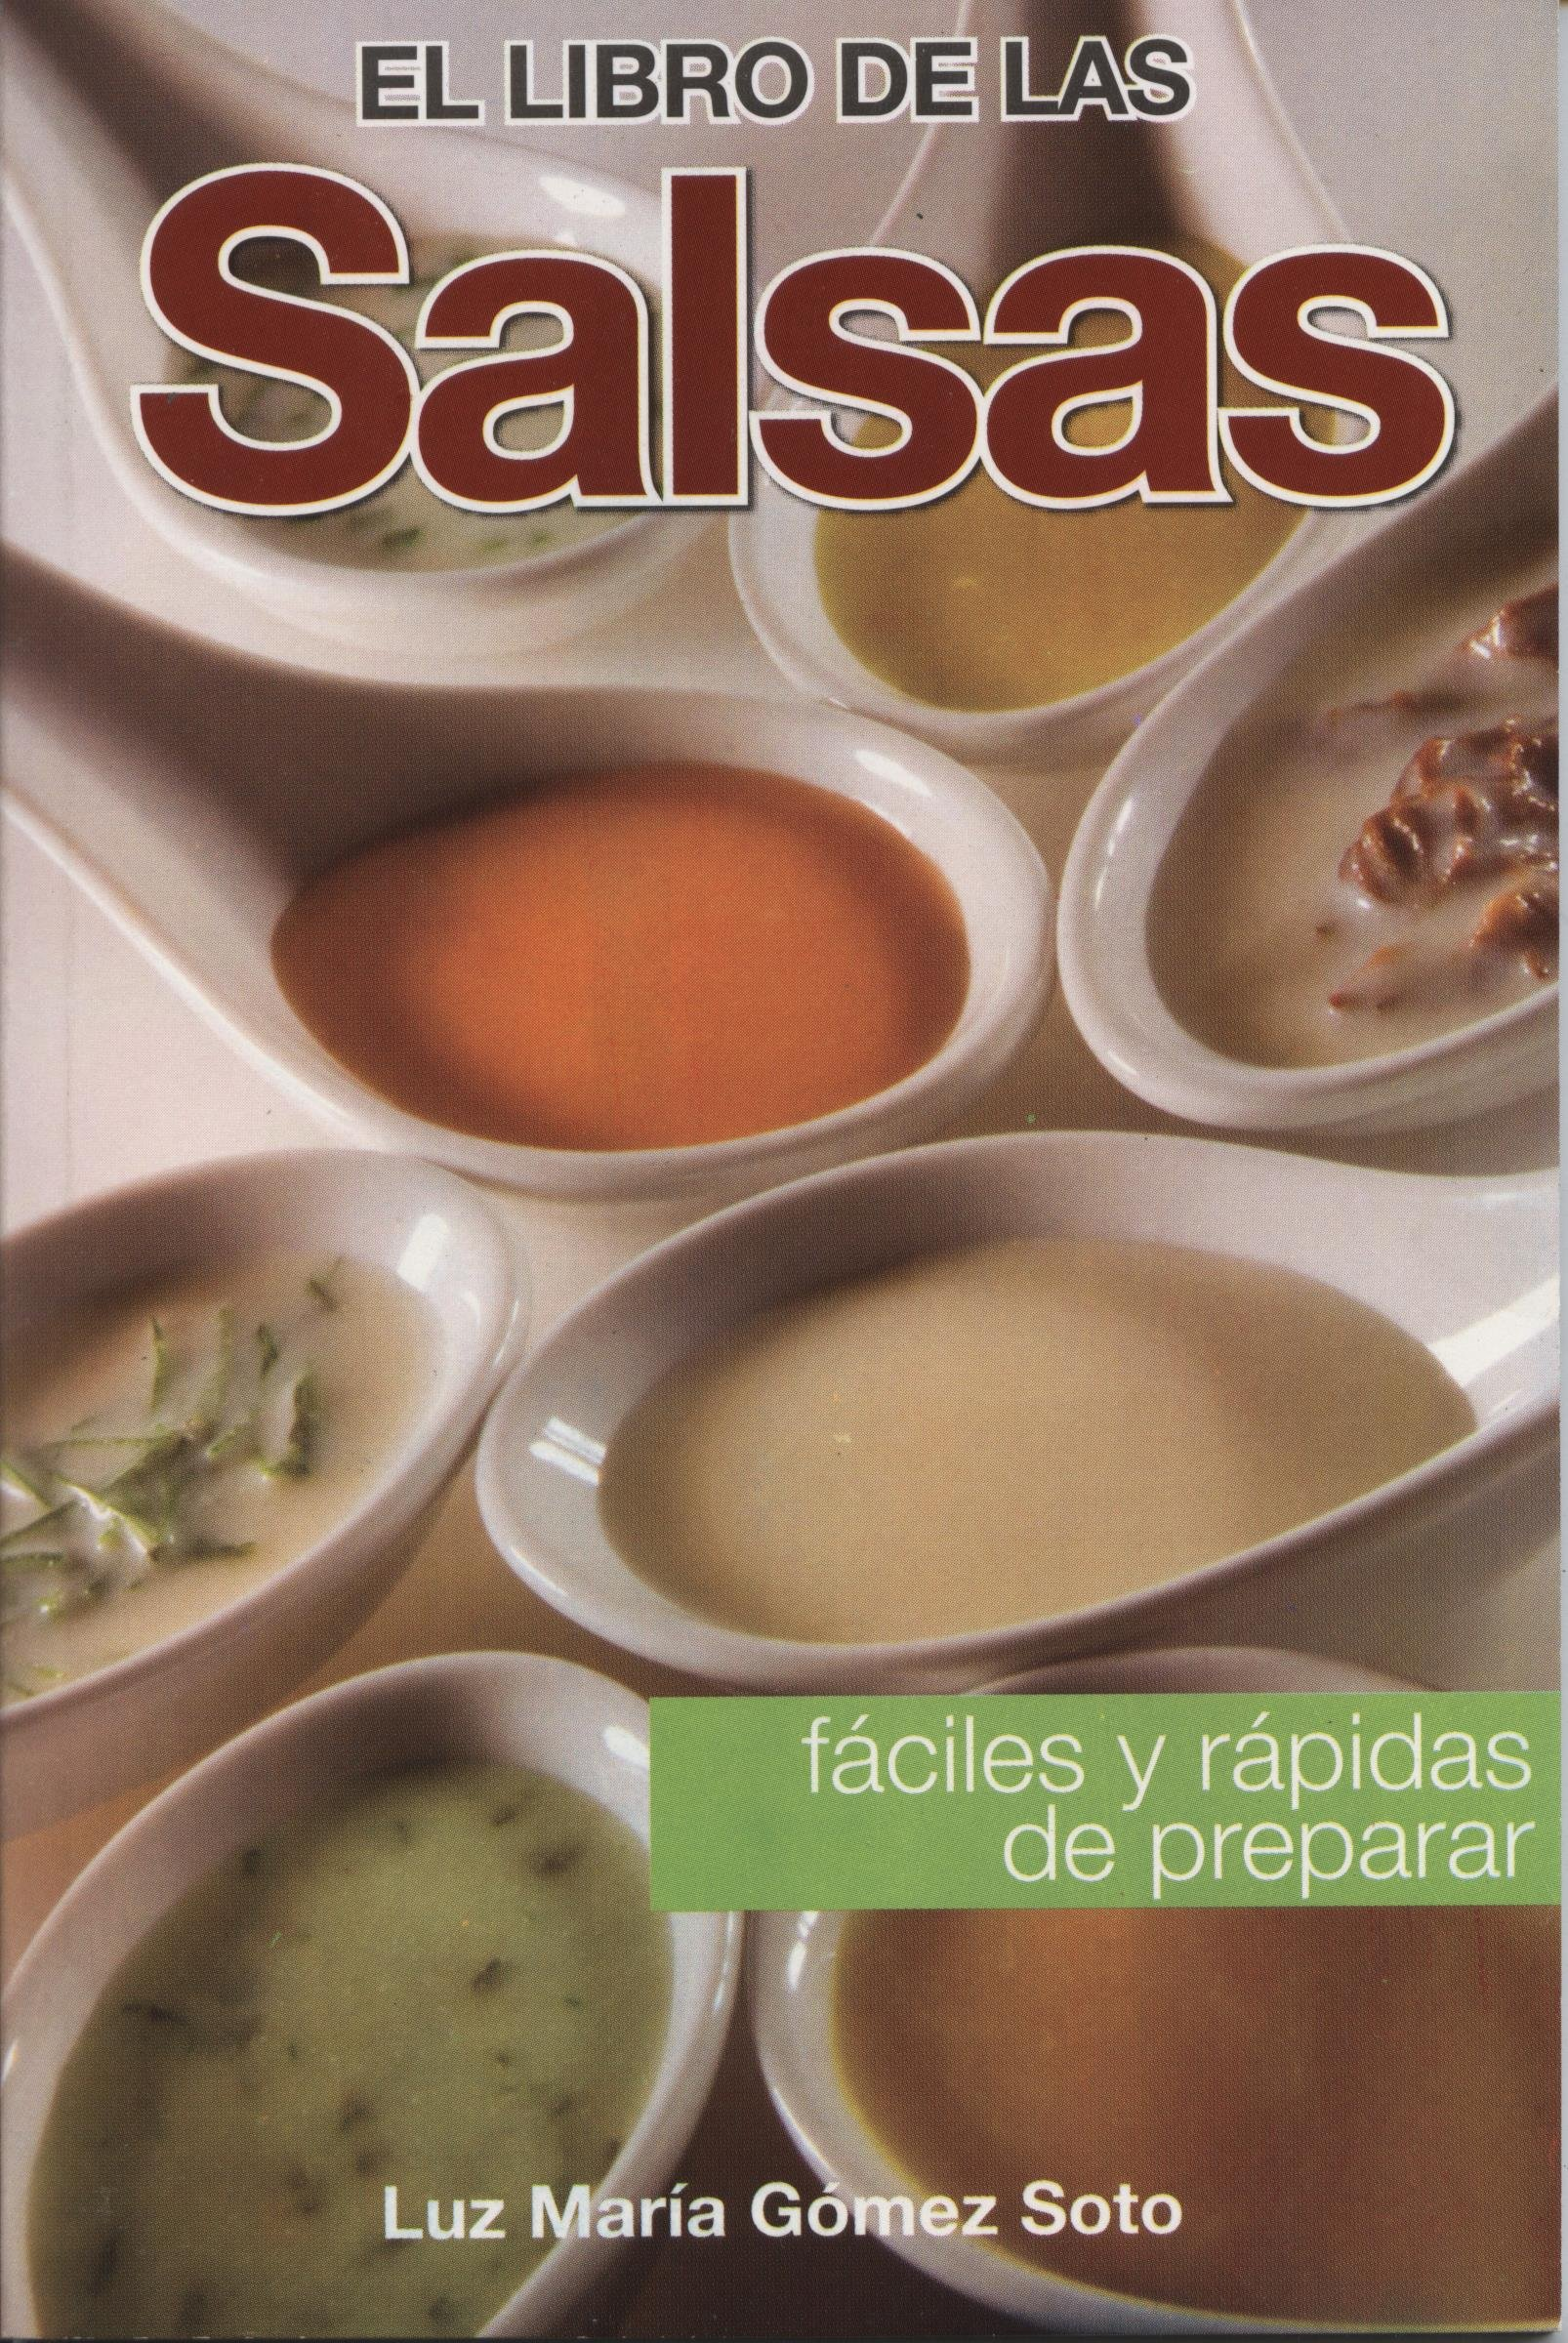 Libro de Las Salsas-Rapidas y Faciles de Preparar Emperadores: Amazon.es: Luz Maria Gomez Soto: Libros